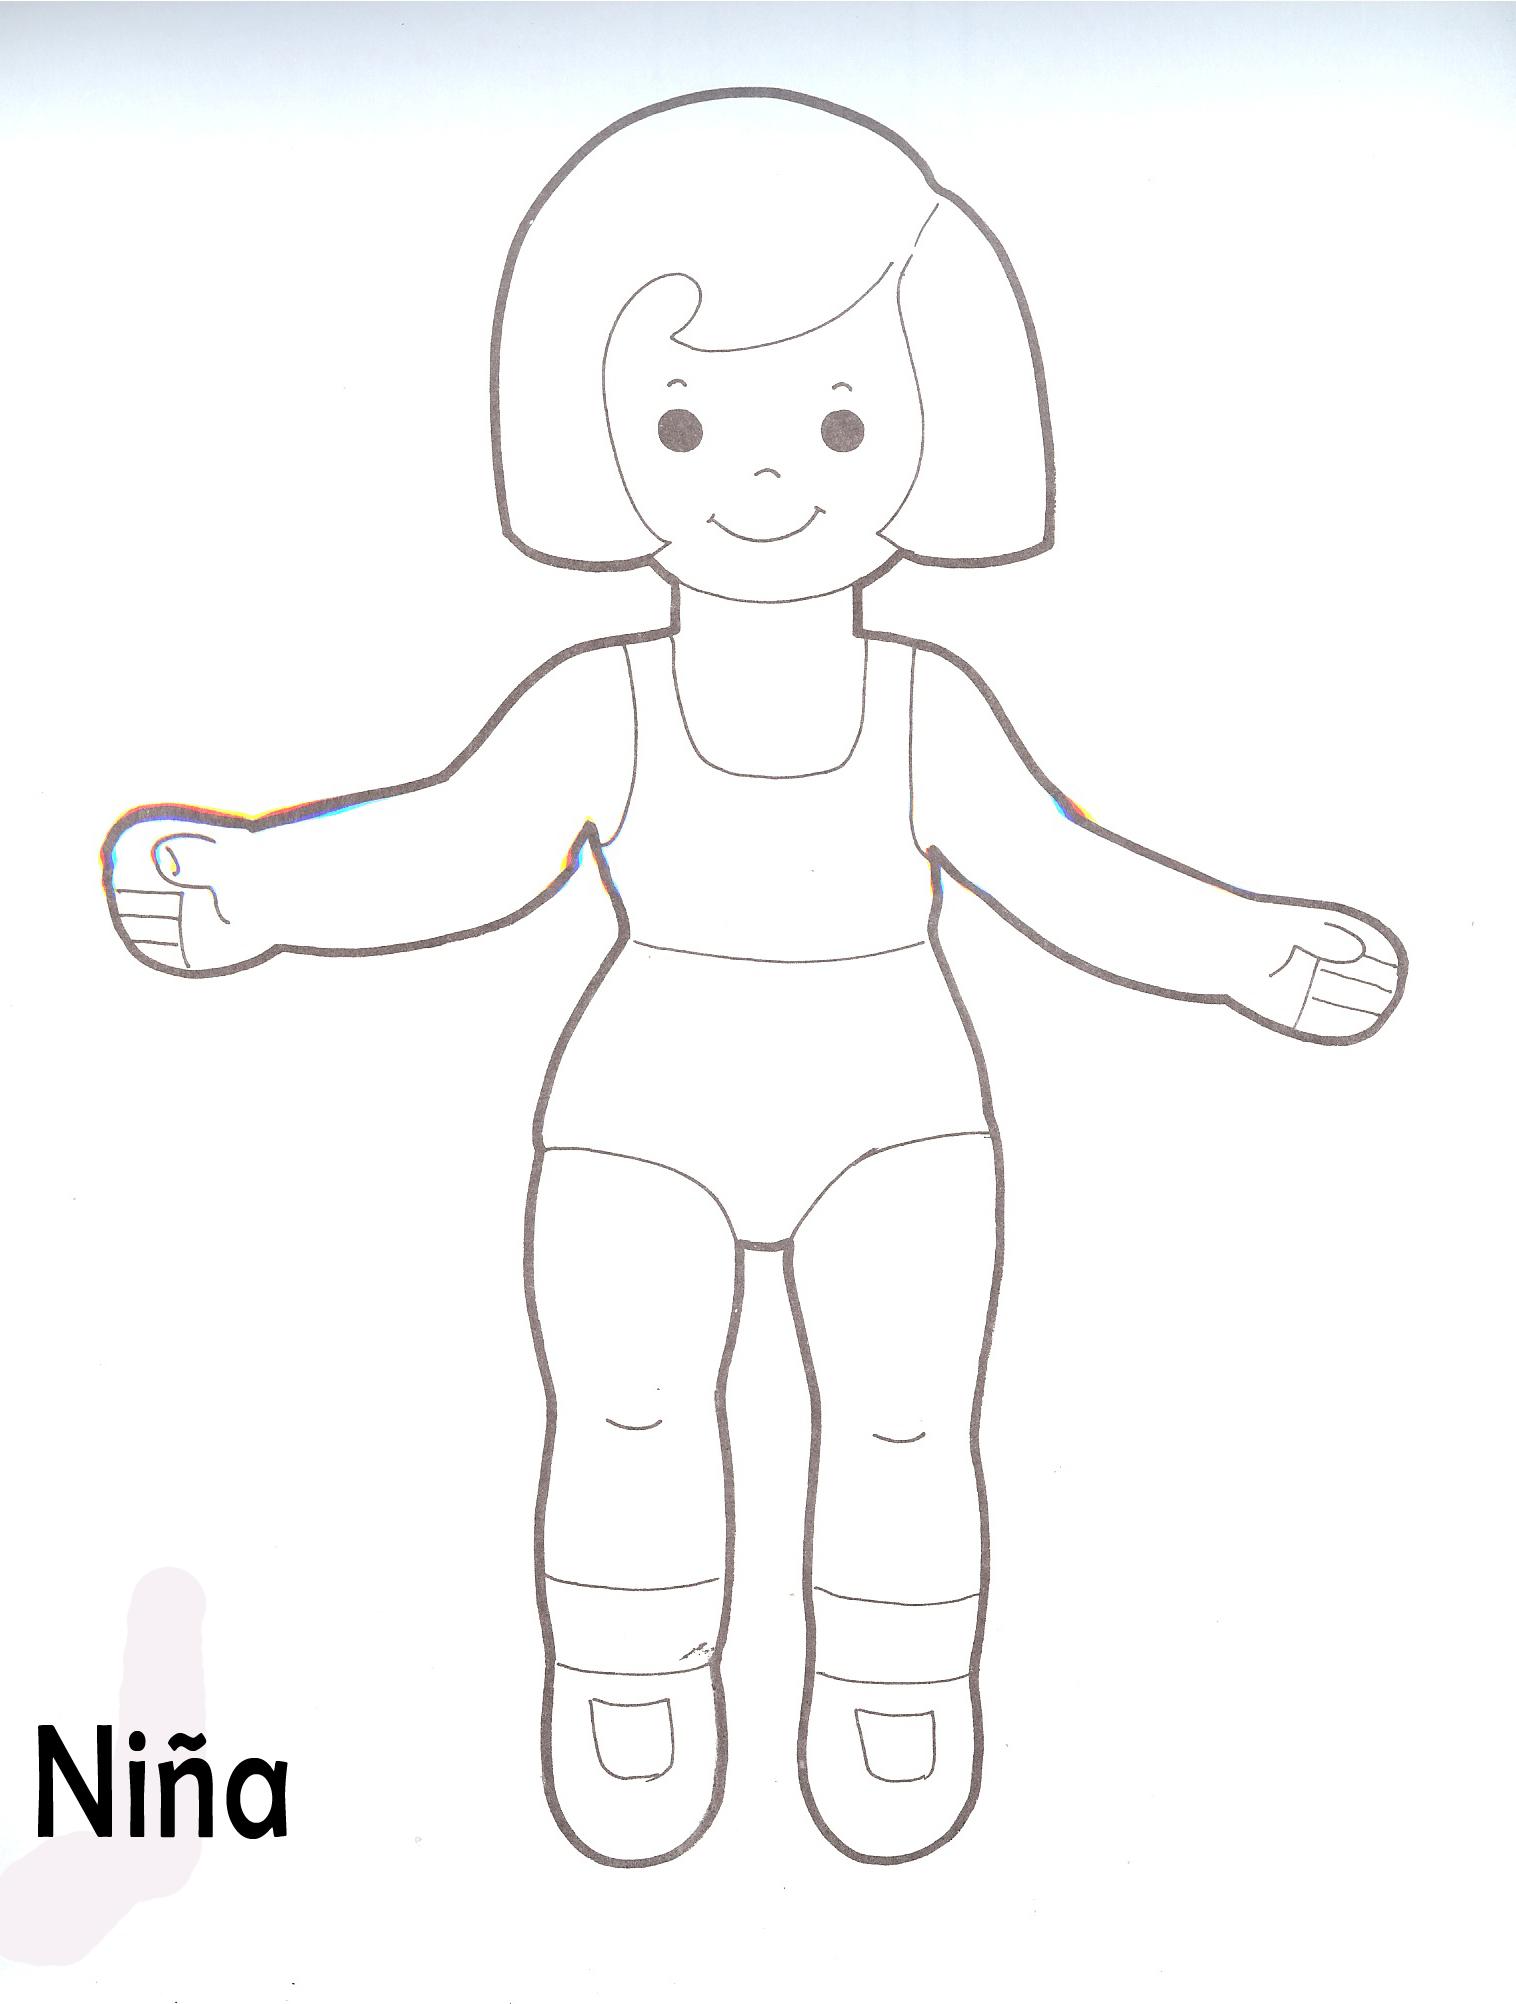 La Silueta Cuerpo Nino Del Y De Nina De Dibujos